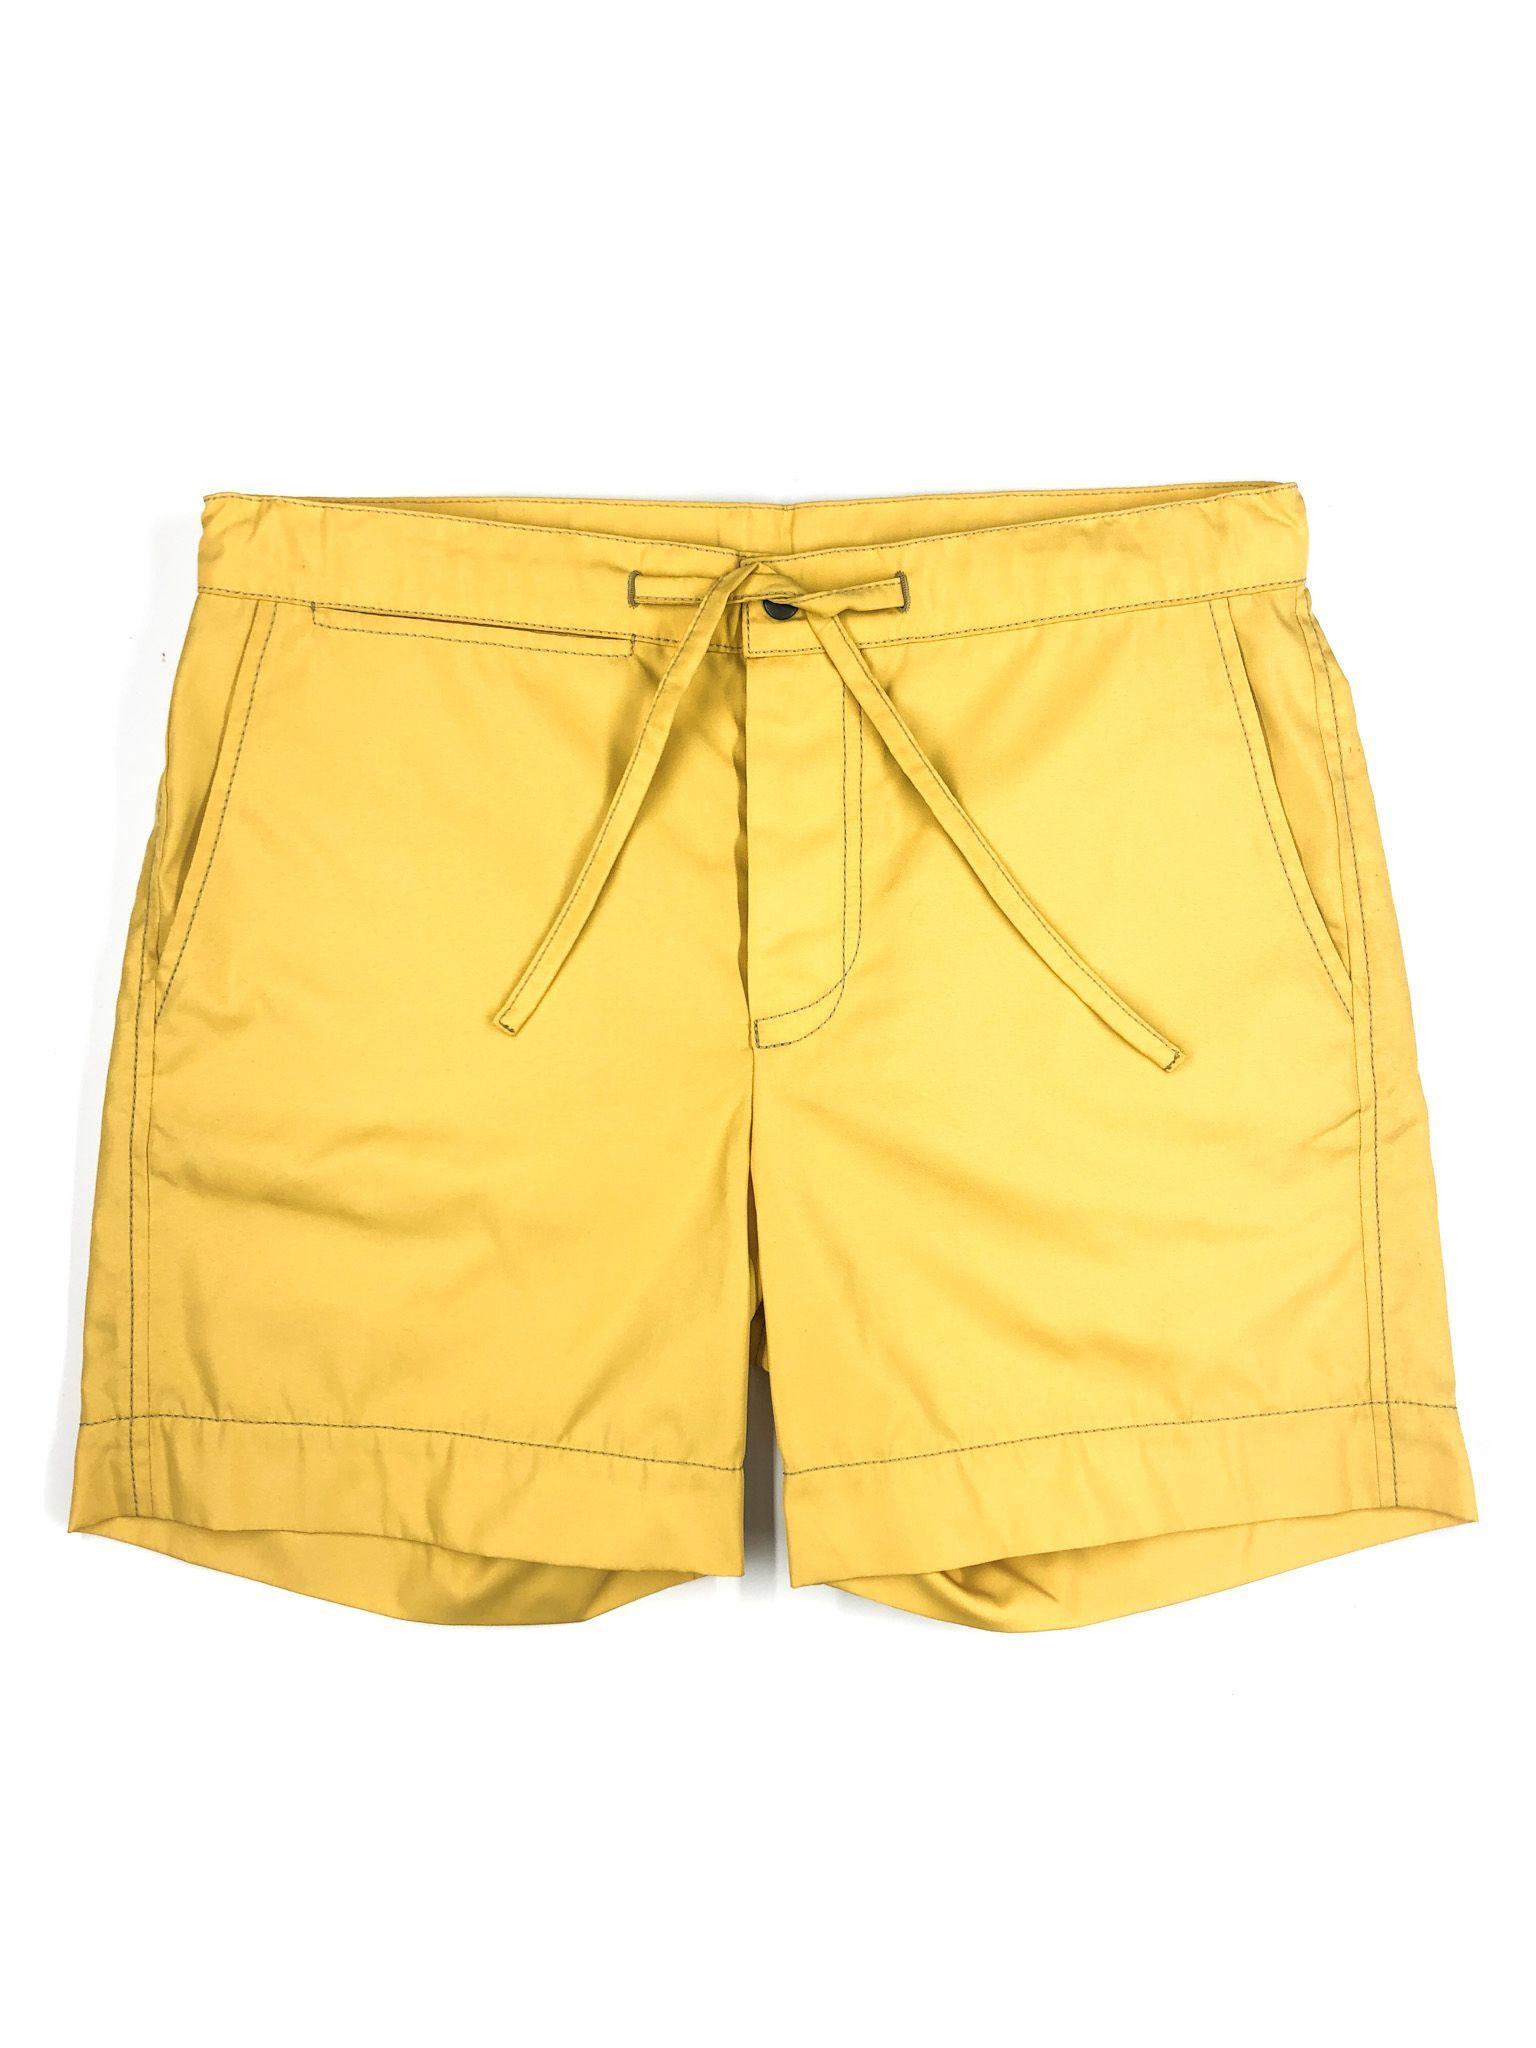 Yellow Drawstring Shorts